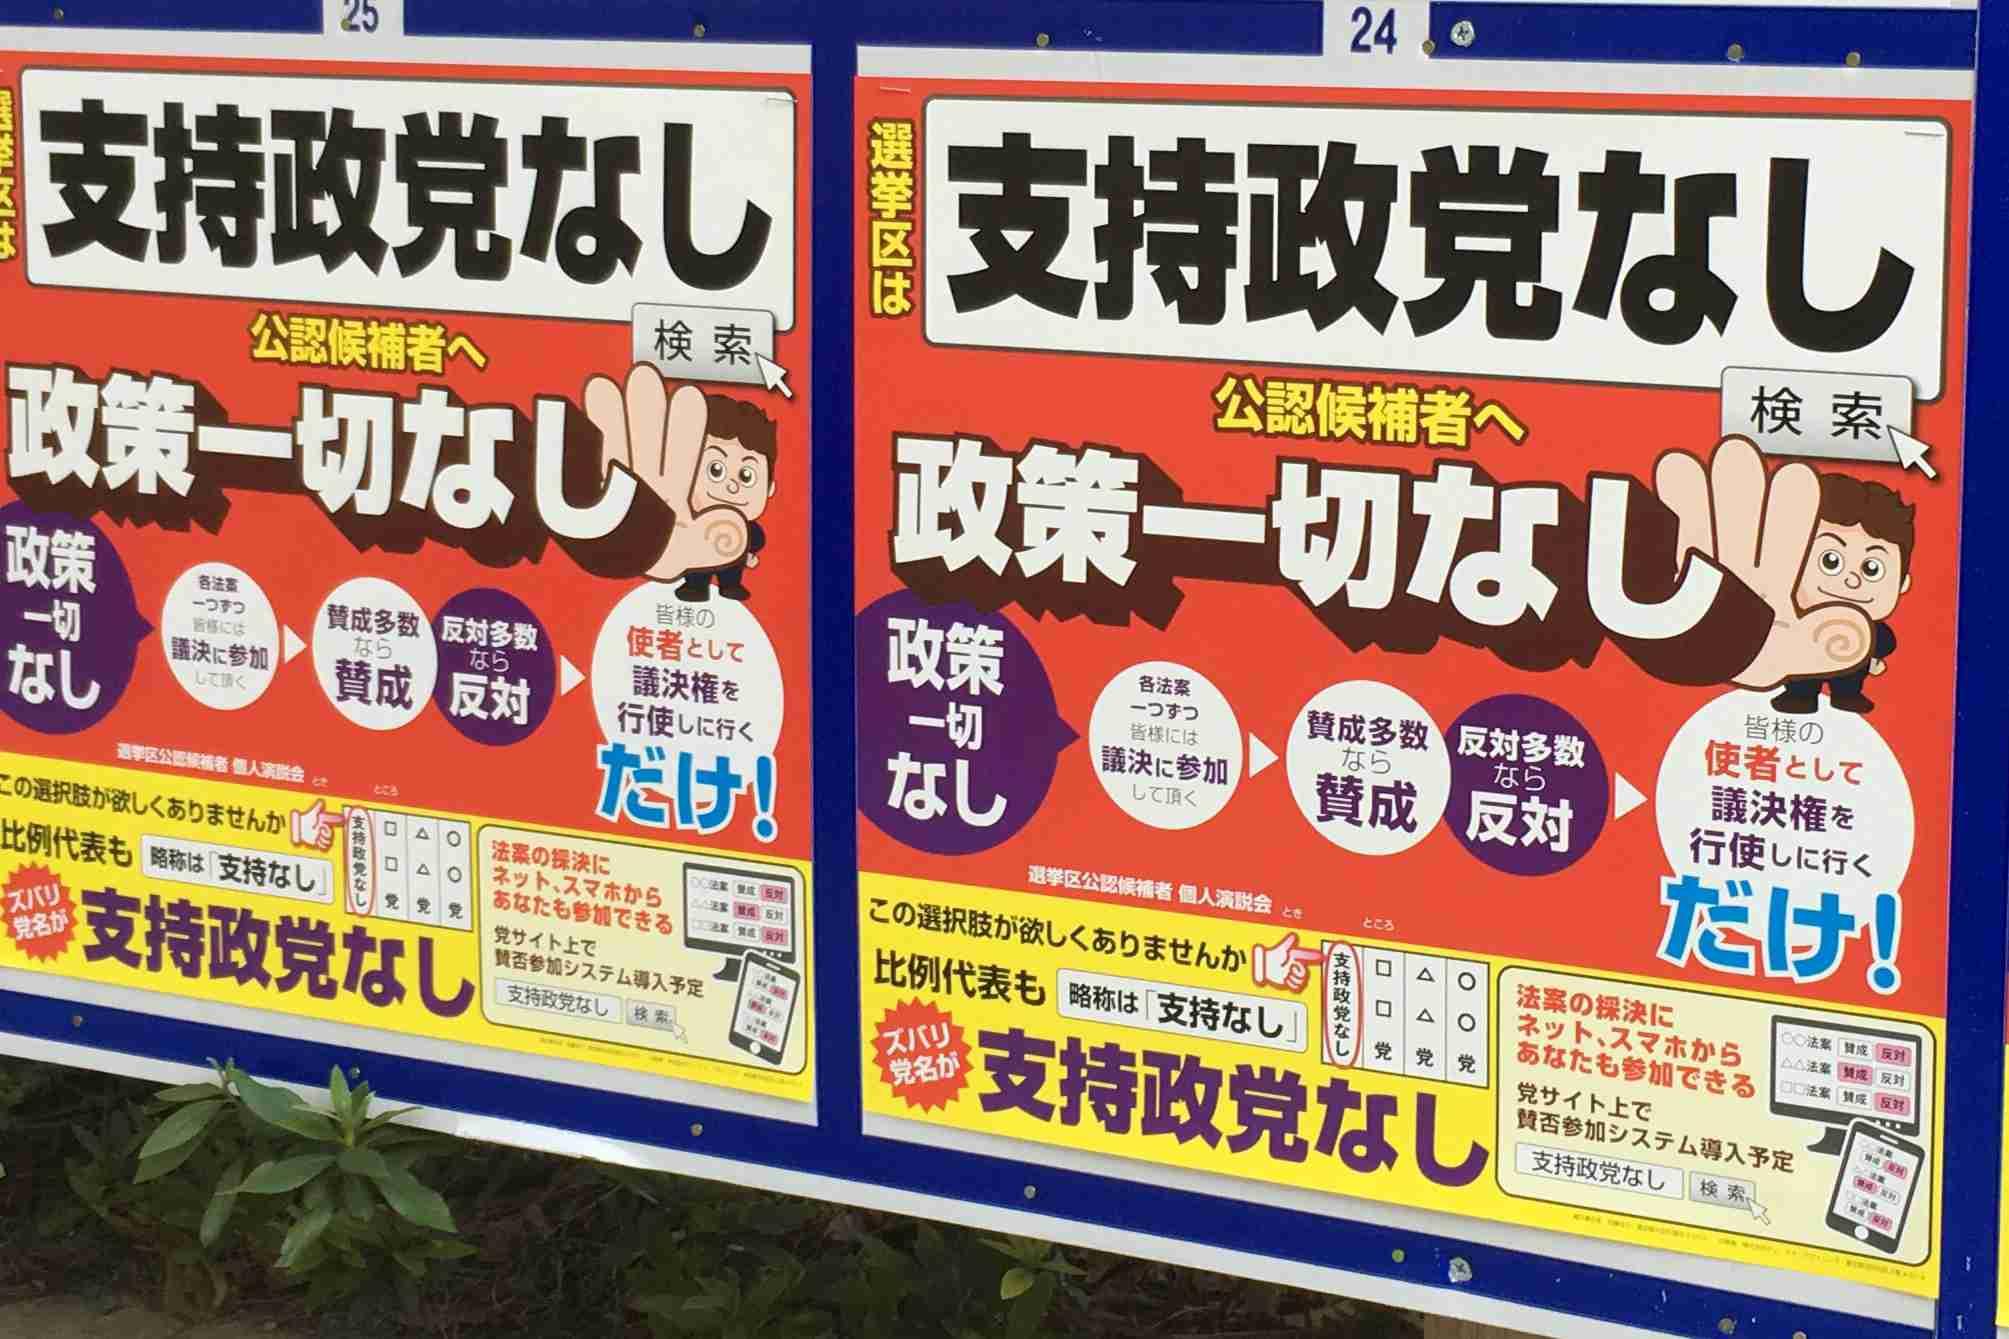 【参院選】「支持政党なし」は政党名です←こんな名前ってあり? (BuzzFeed Japan) - Yahoo!ニュース